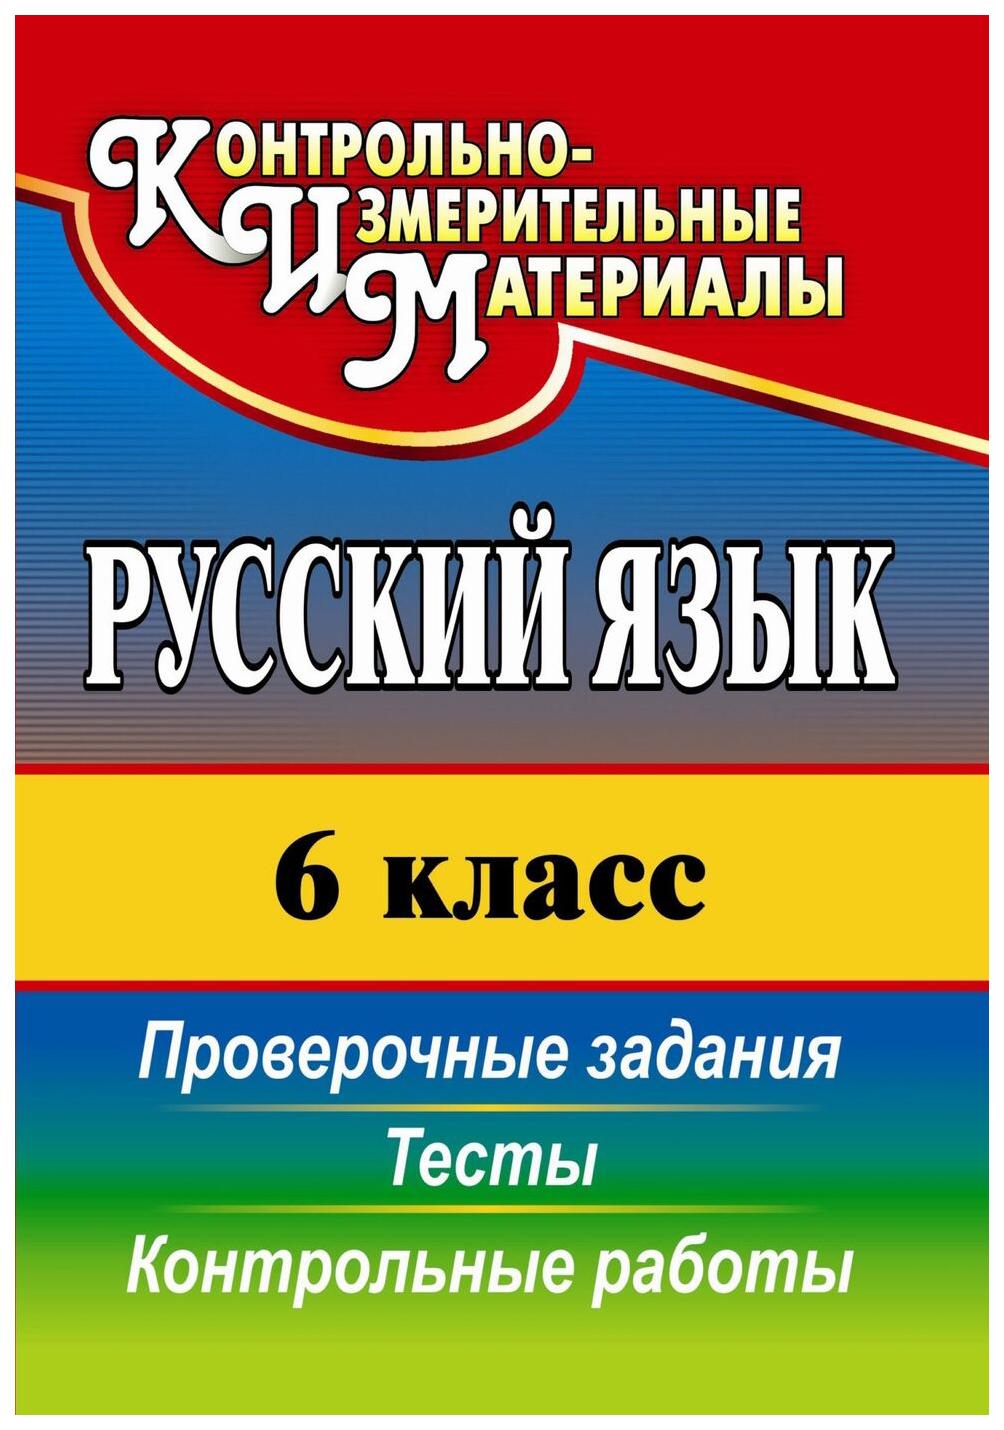 Русский язык. 6 класс: тесты, проверочные задания, контрольные работы